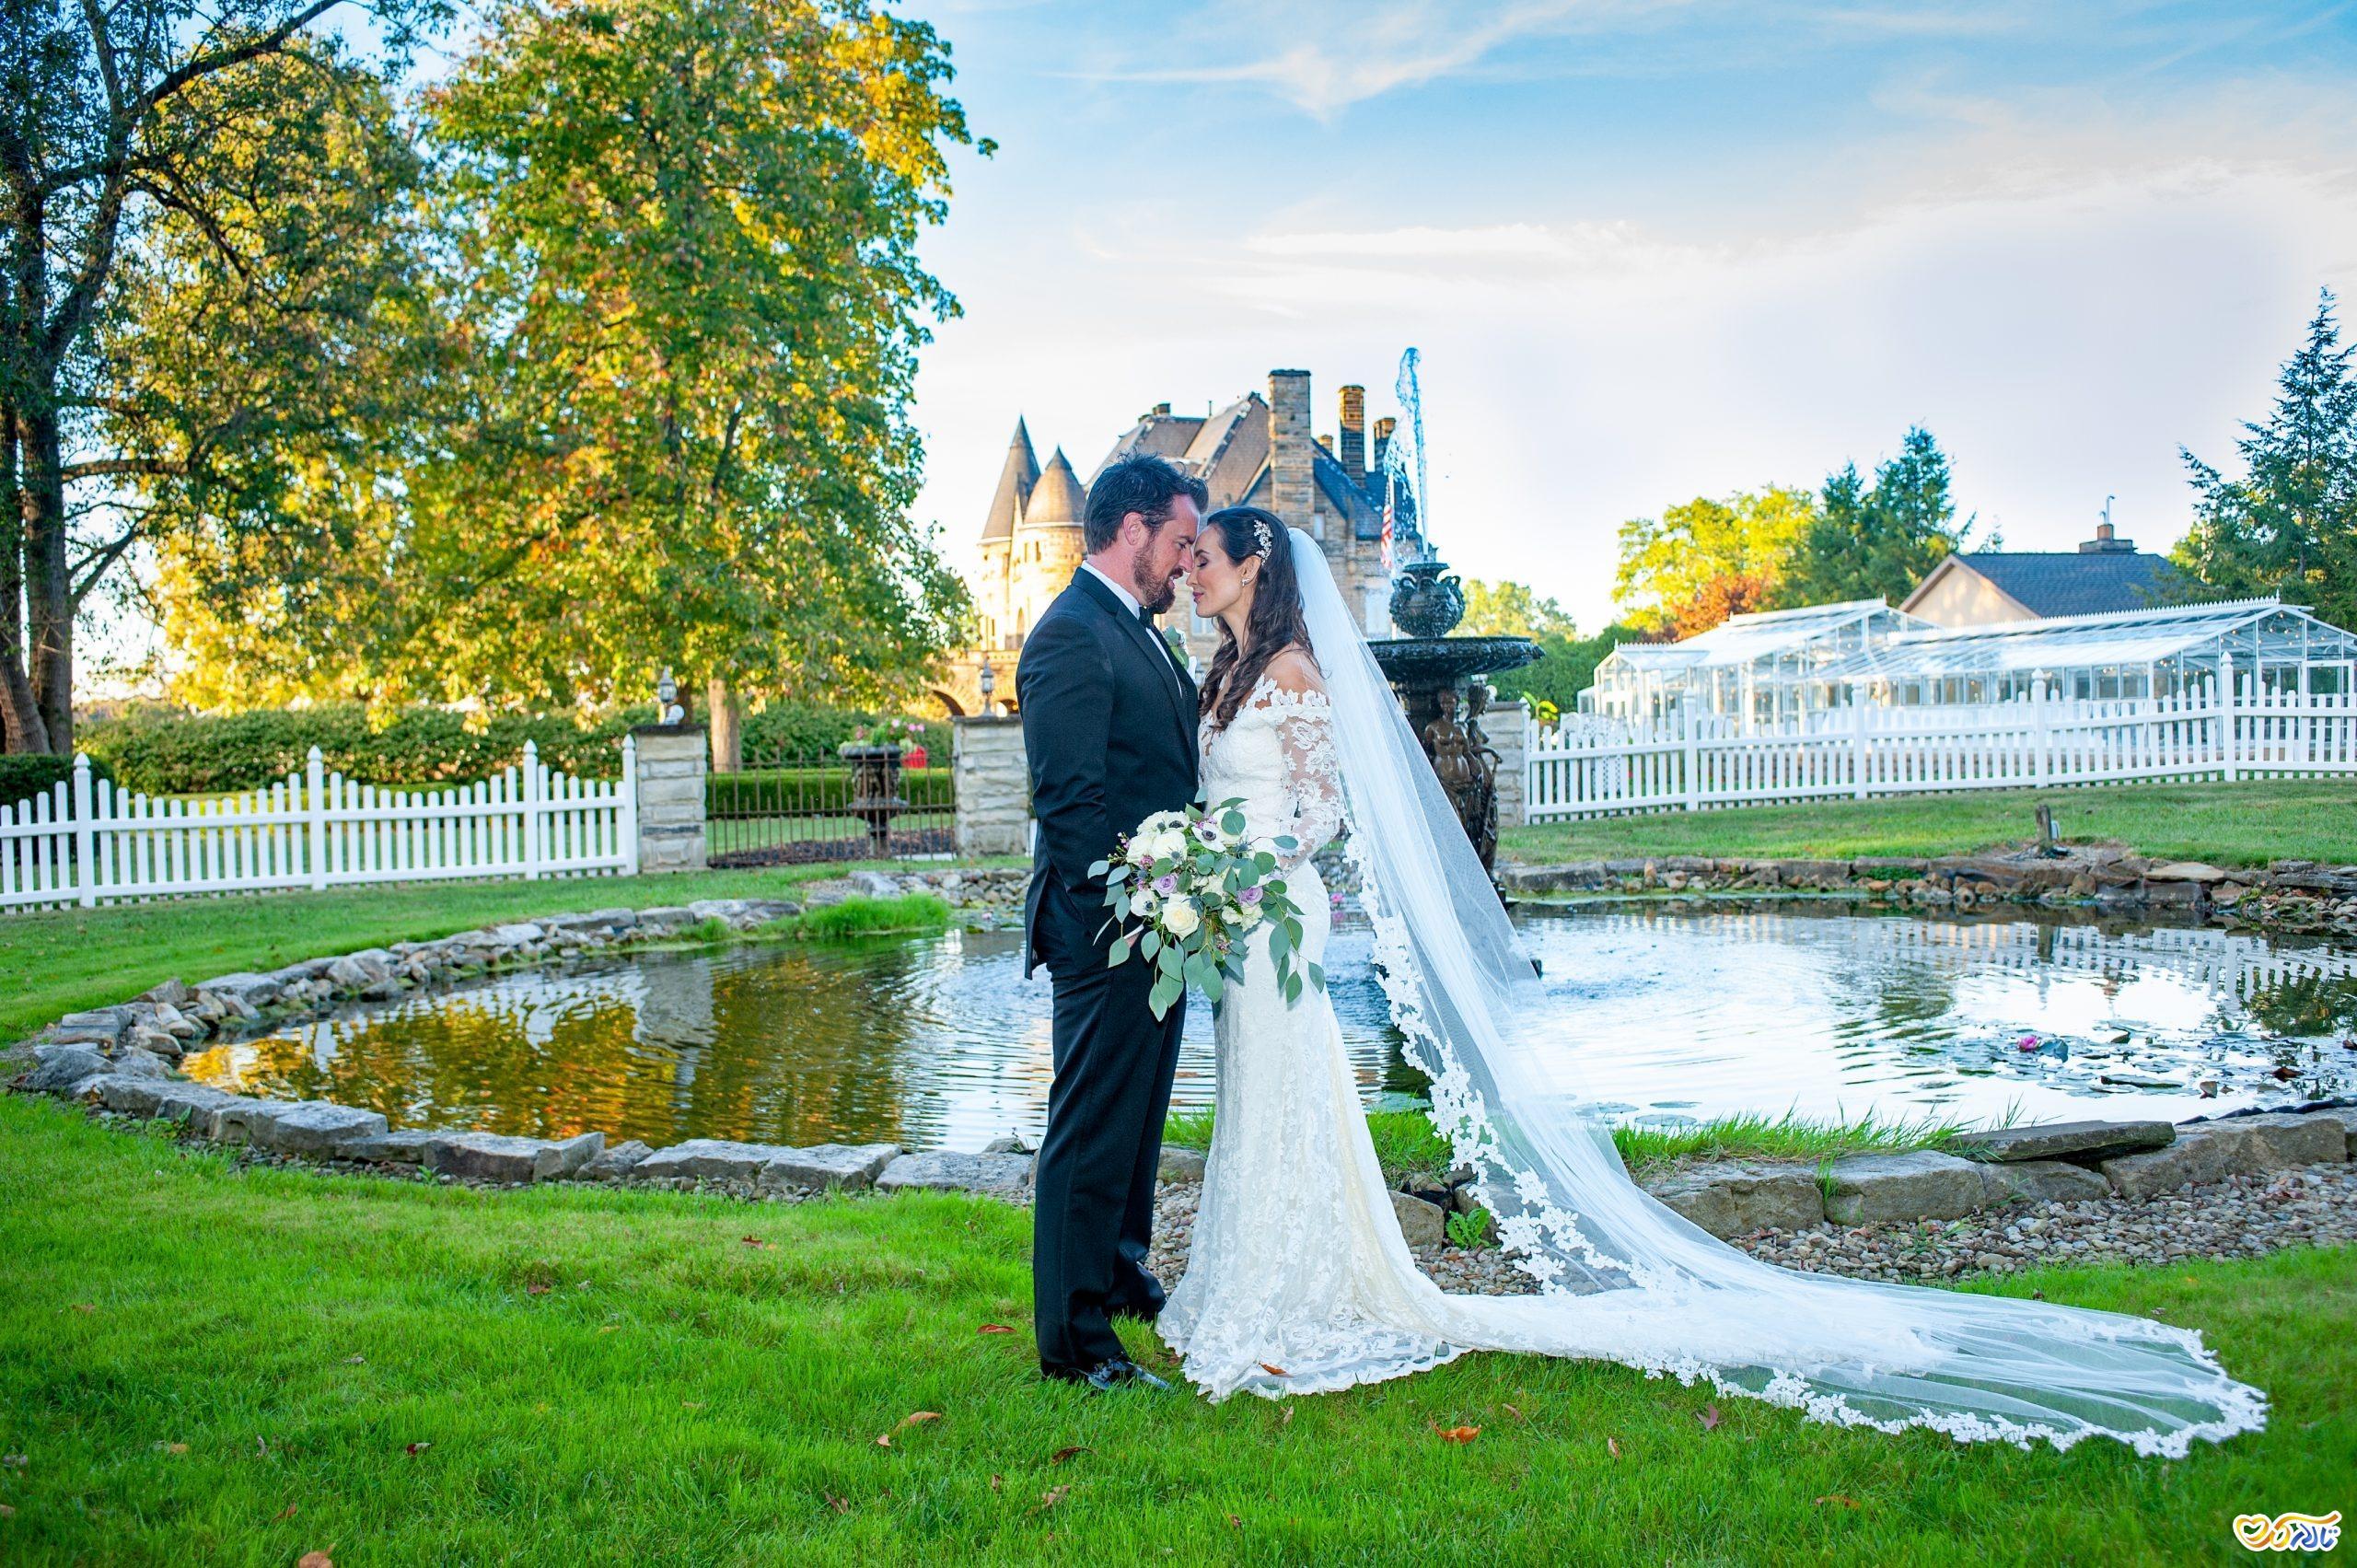 مراسم عروسی شیک و مدرن